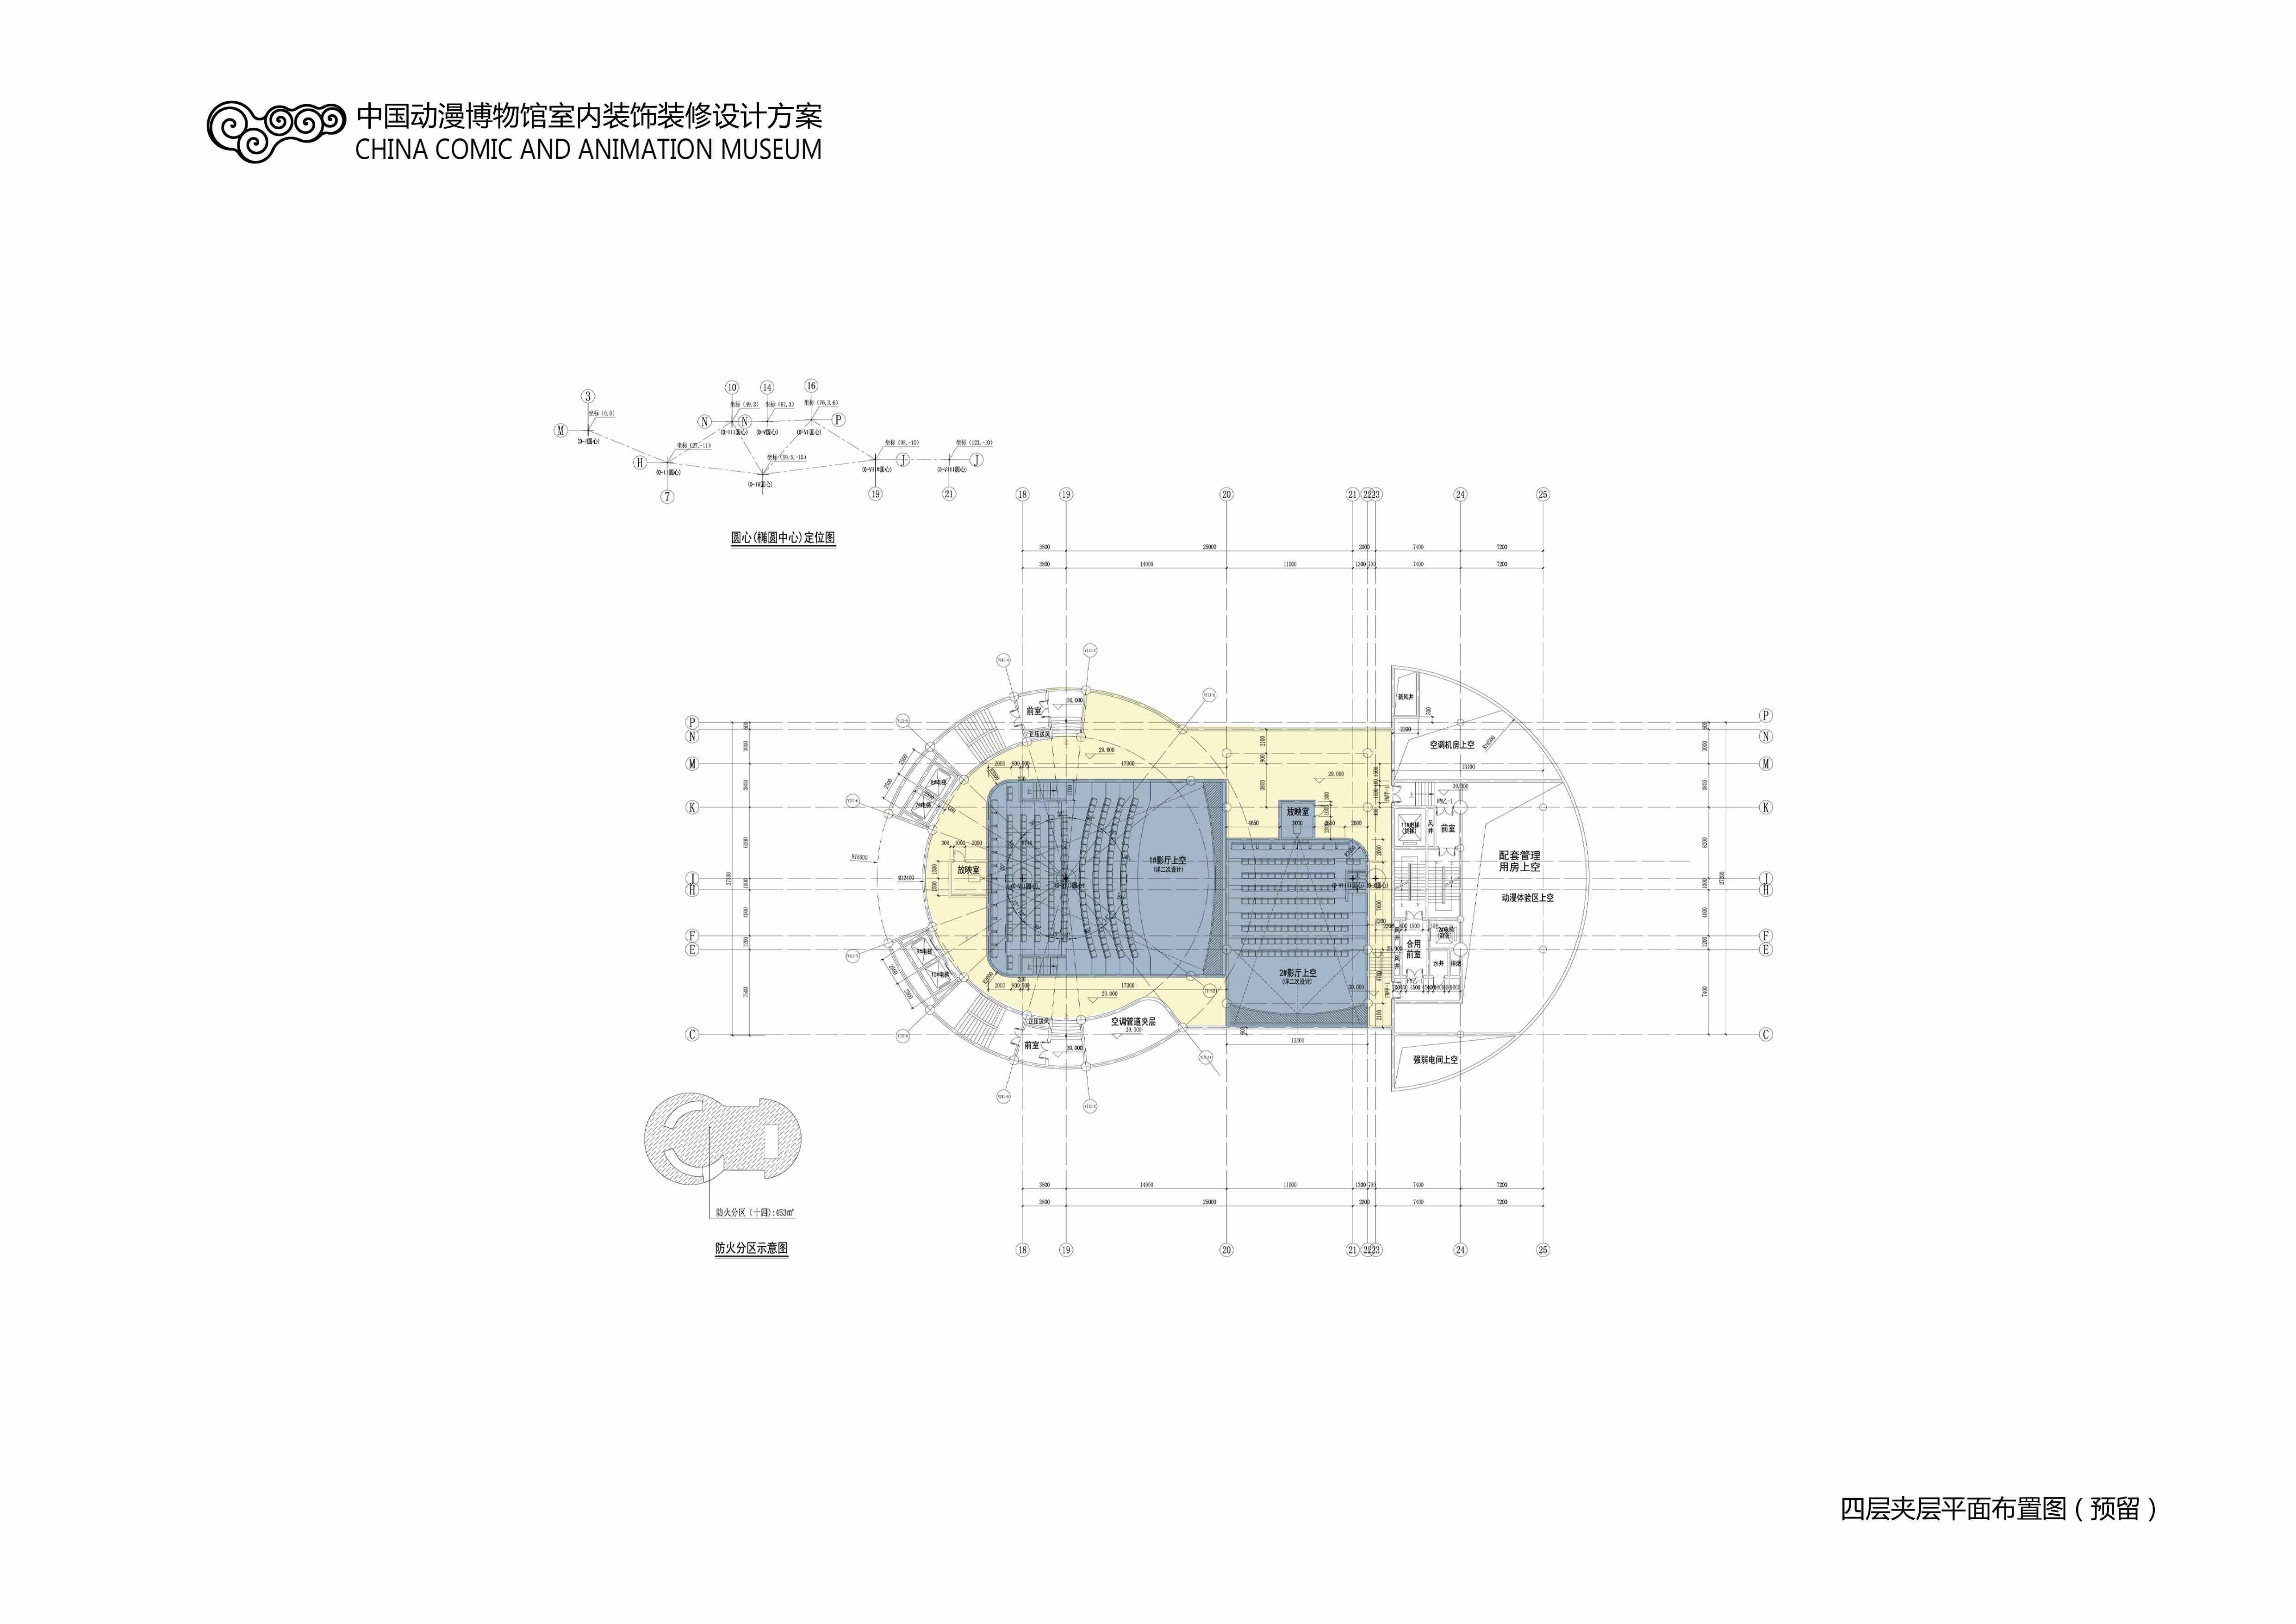 中国动漫博物馆平面图四层夹层